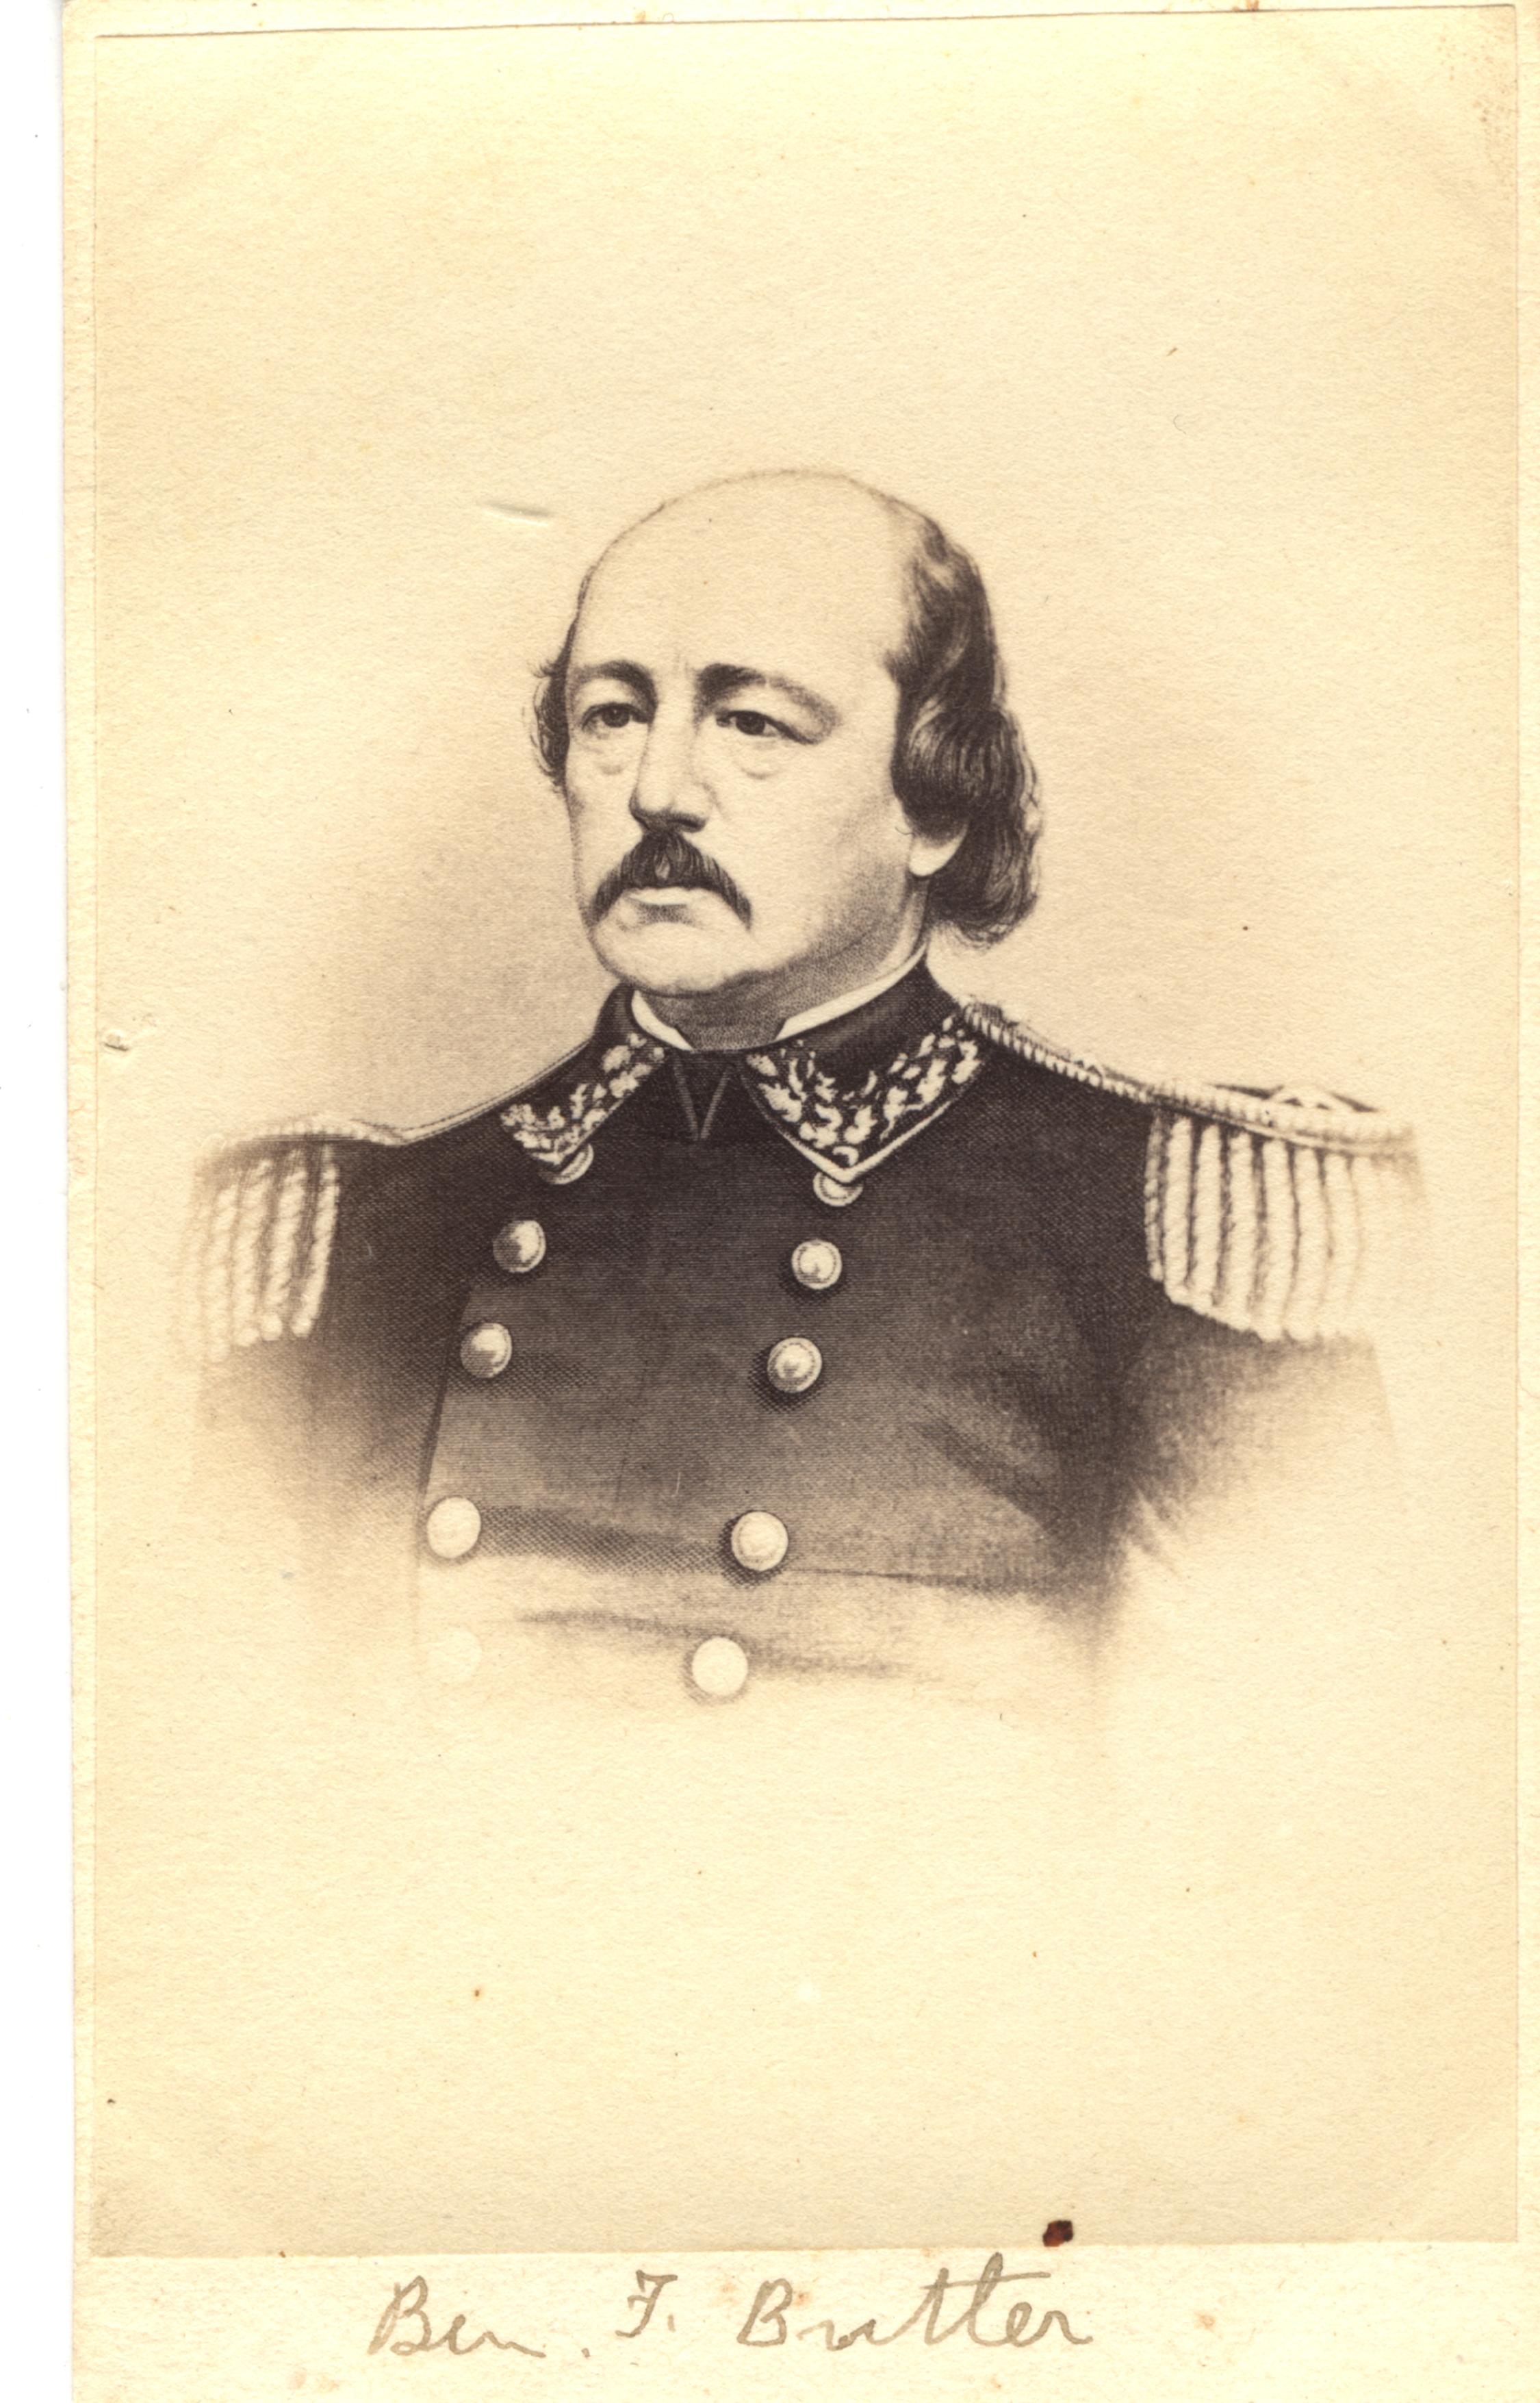 Benjamin F. Butler, circa 1860s